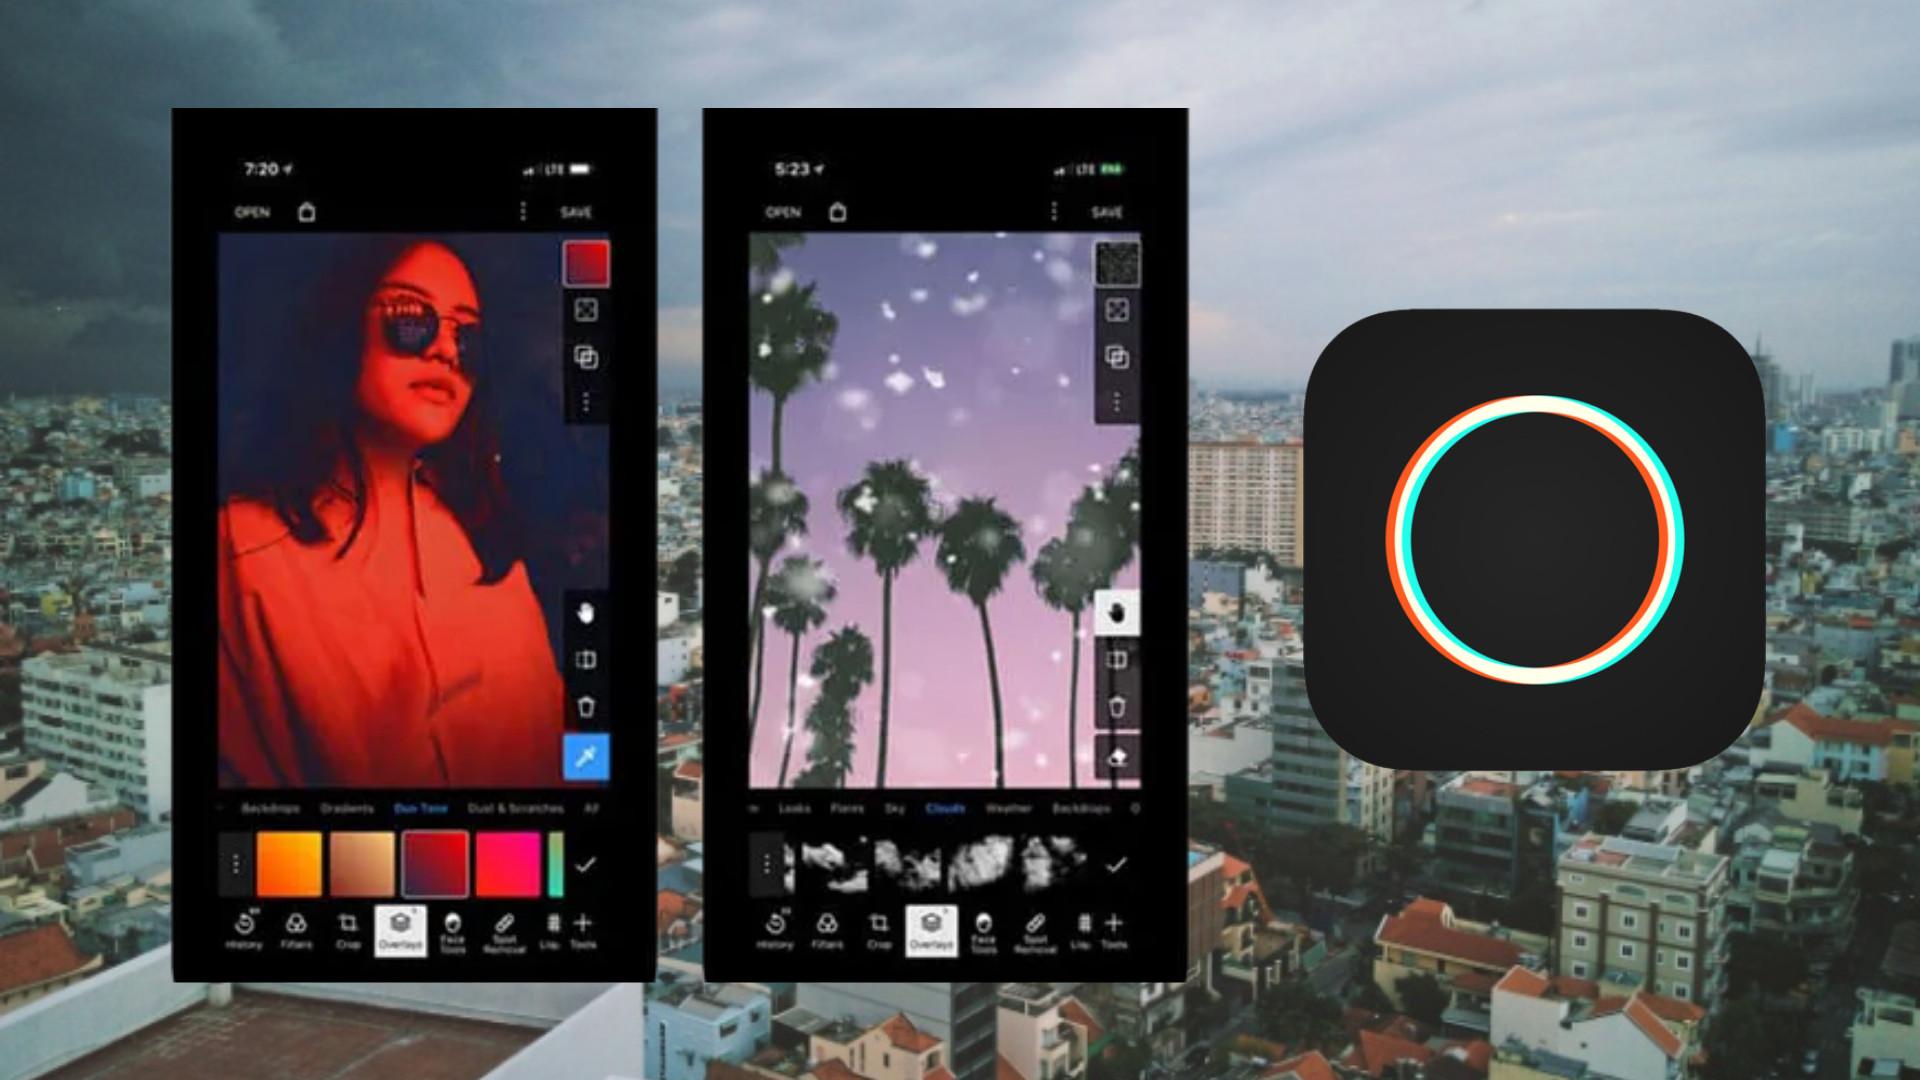 App chụp ảnh đẹp - Polarr